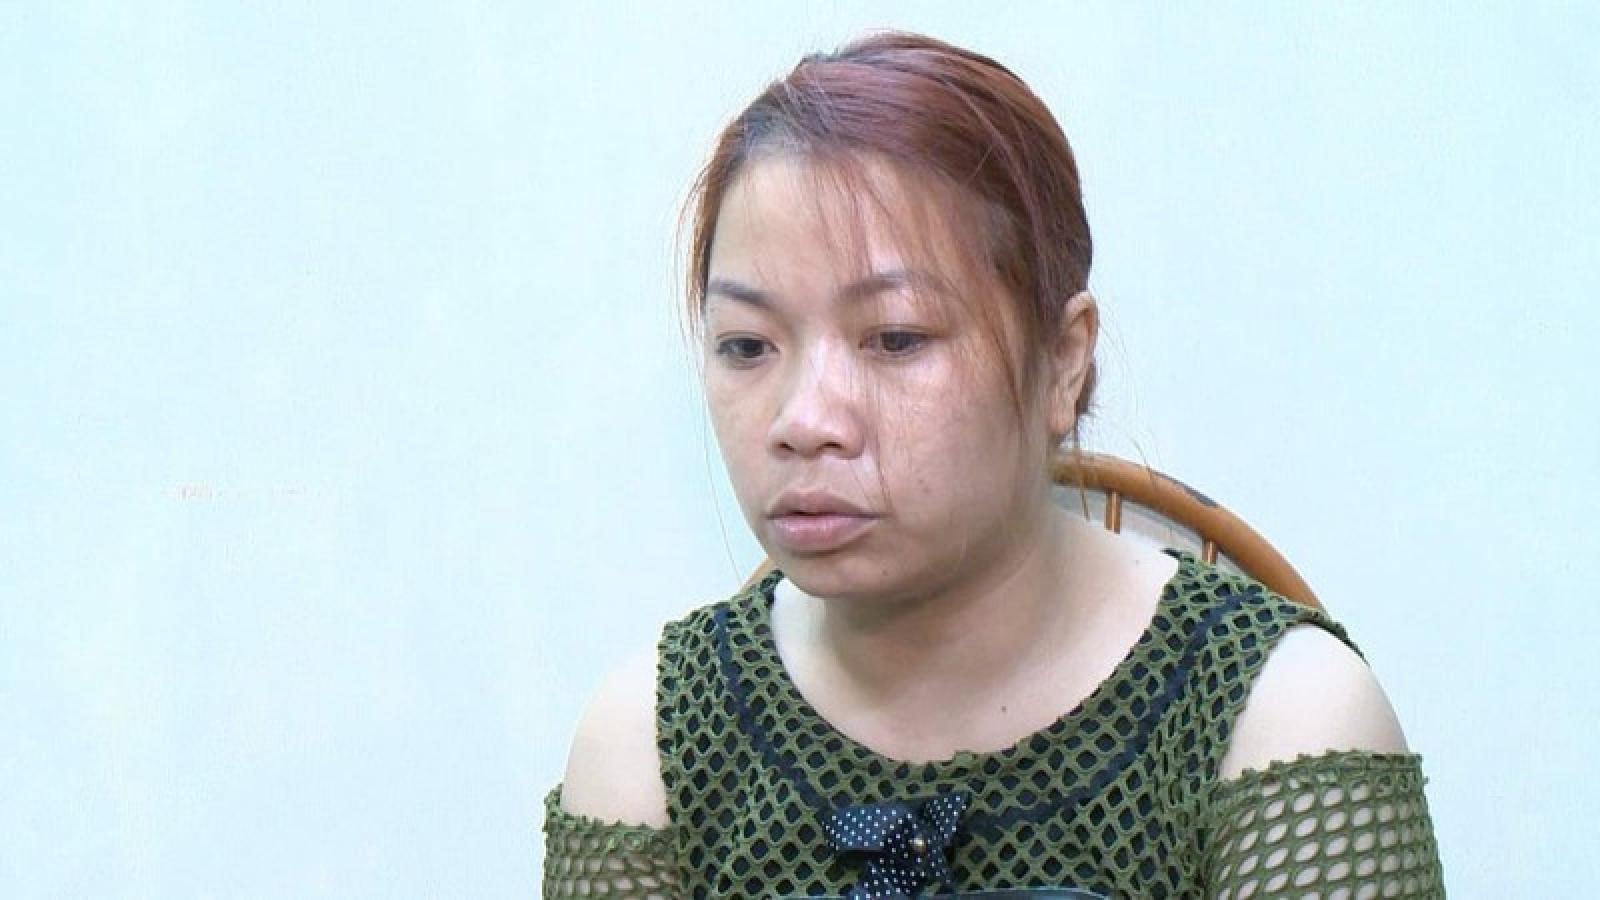 Khởi tố, bắt tạm giam đối tượng bắt cóc bé trai 2 tuổi ở Bắc Ninh